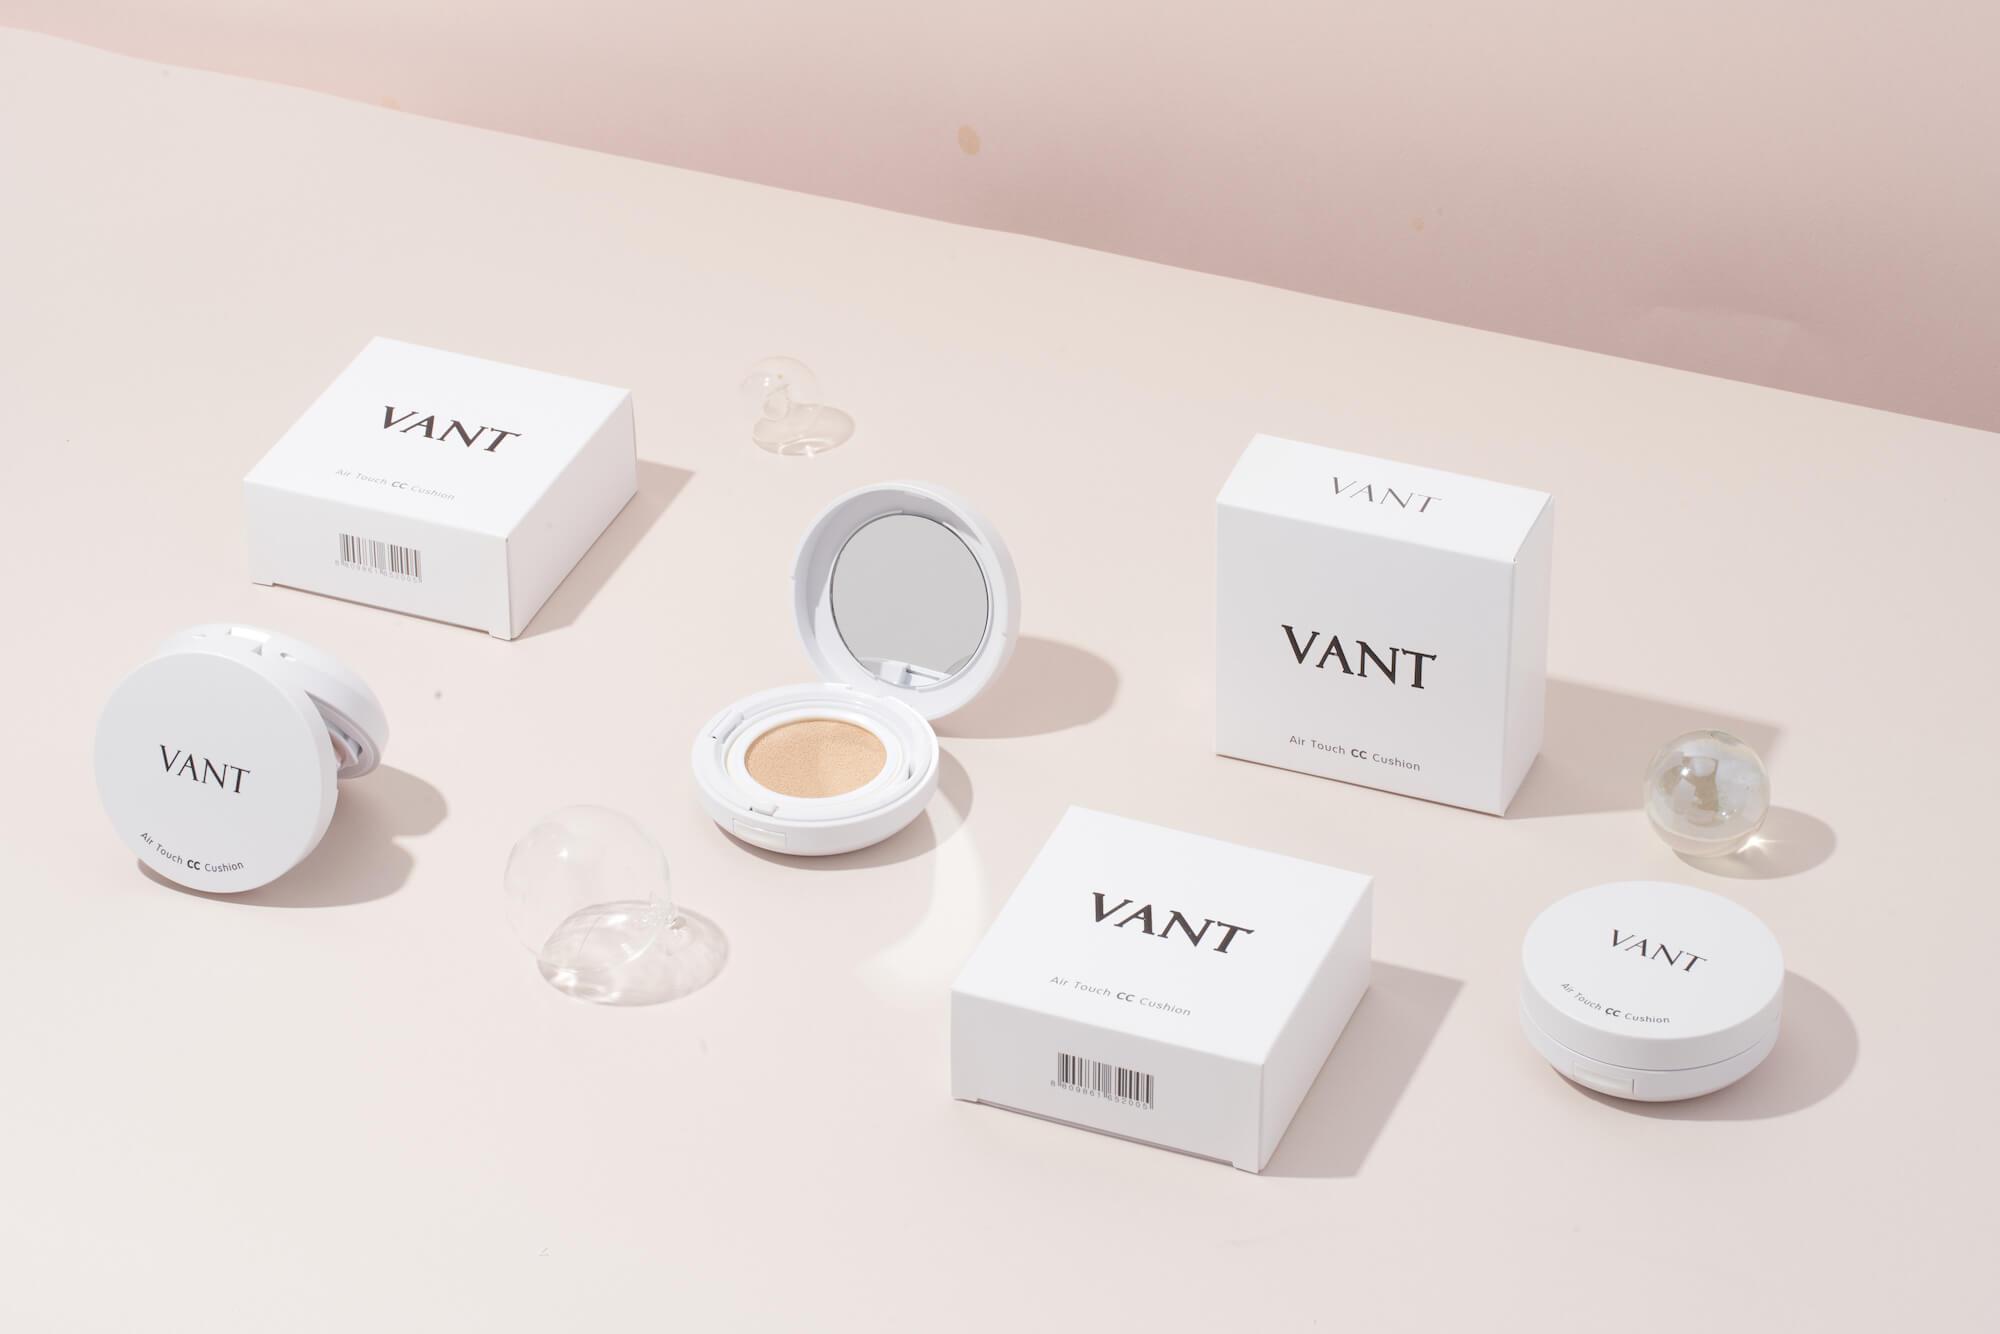 韓国コスメ「VANT36.5(バント)」のクッションファンデ